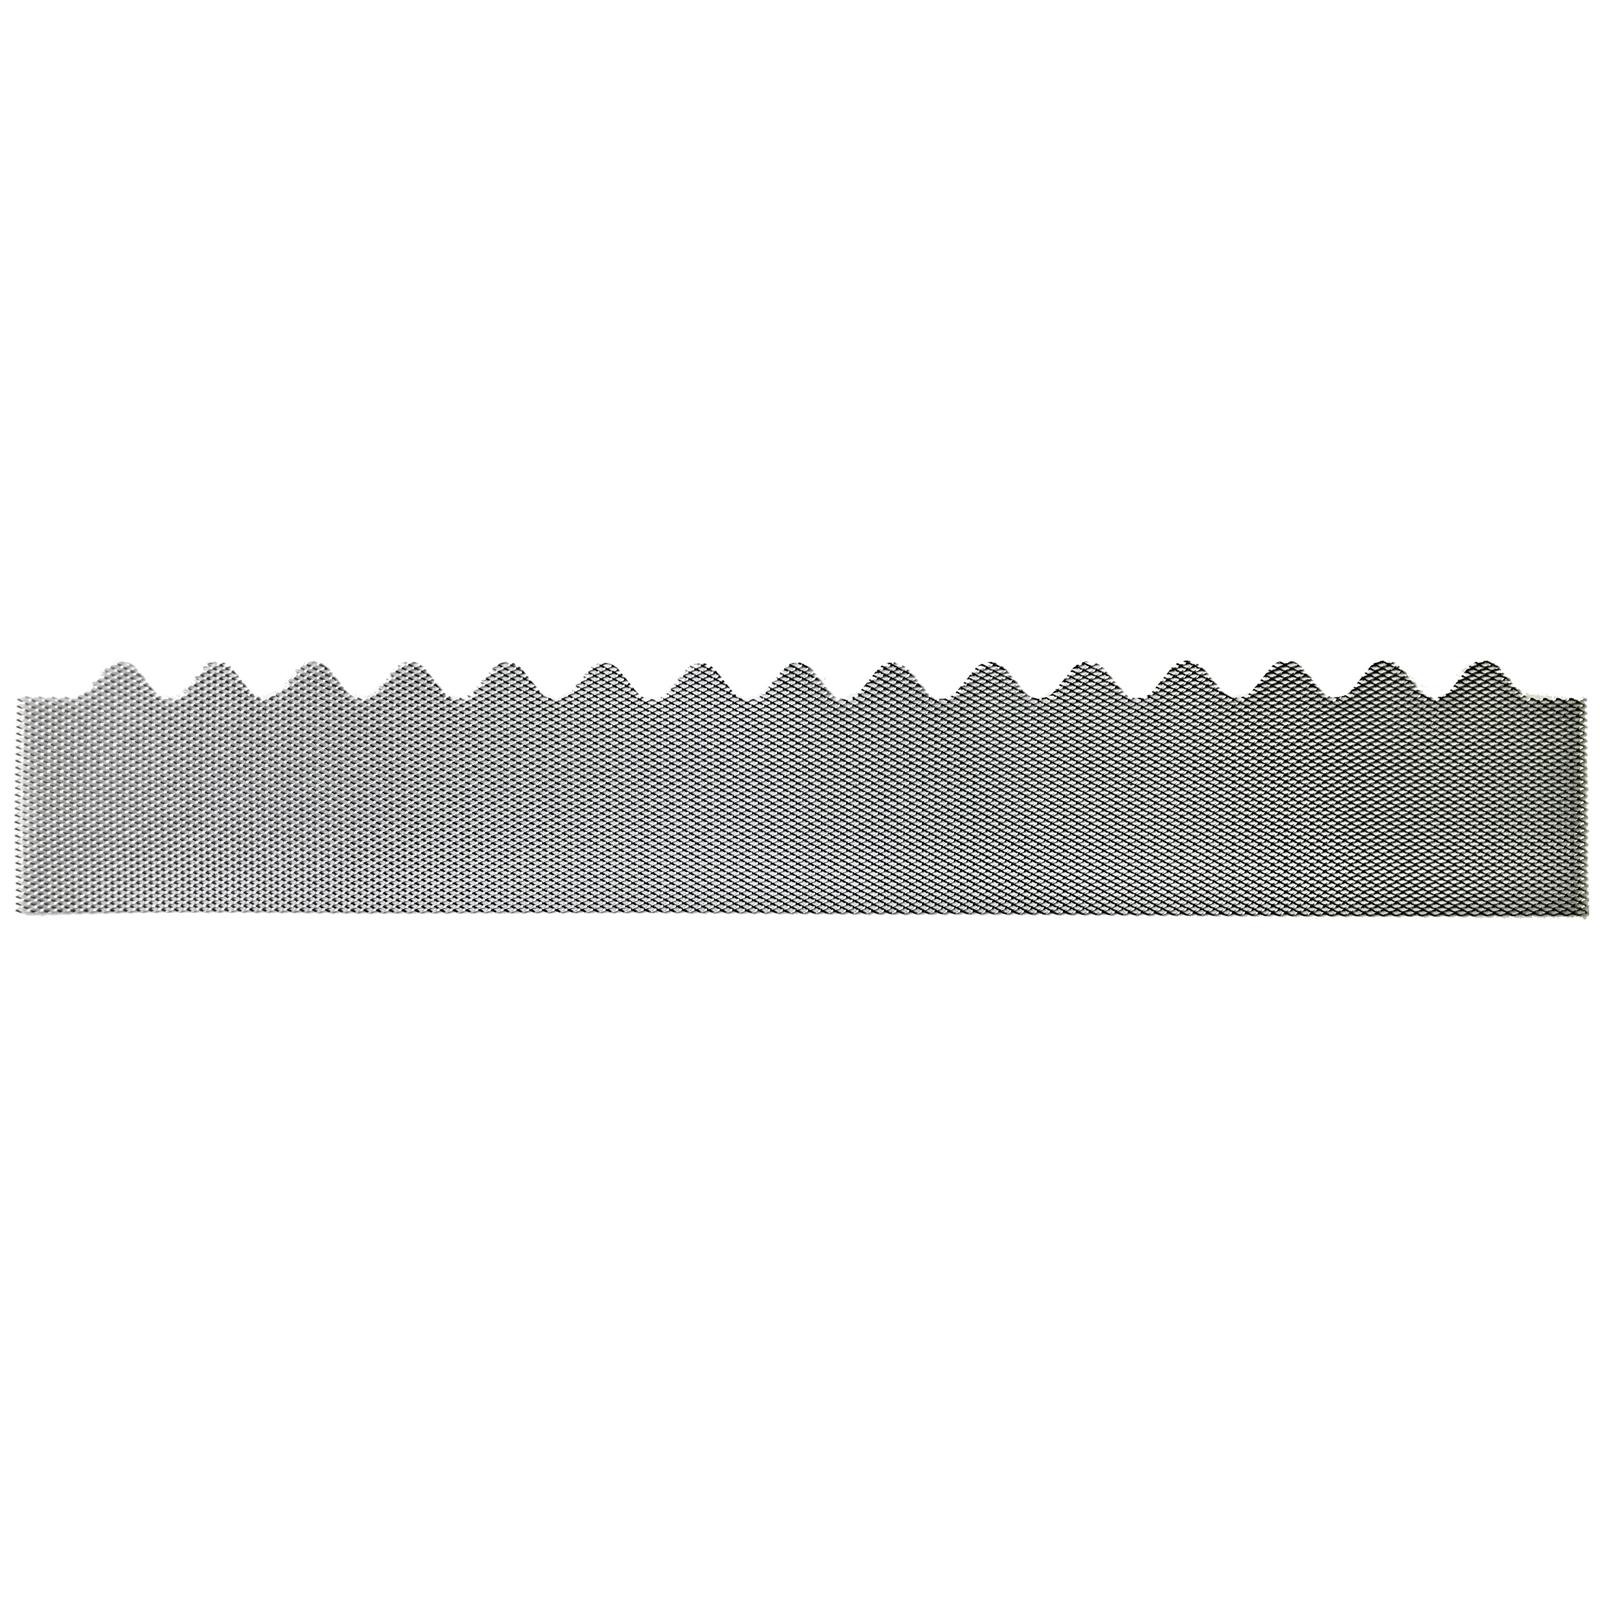 GumLeaf 1200mm Colorbond Metal Corrugated Gutter Guard - Galvanised